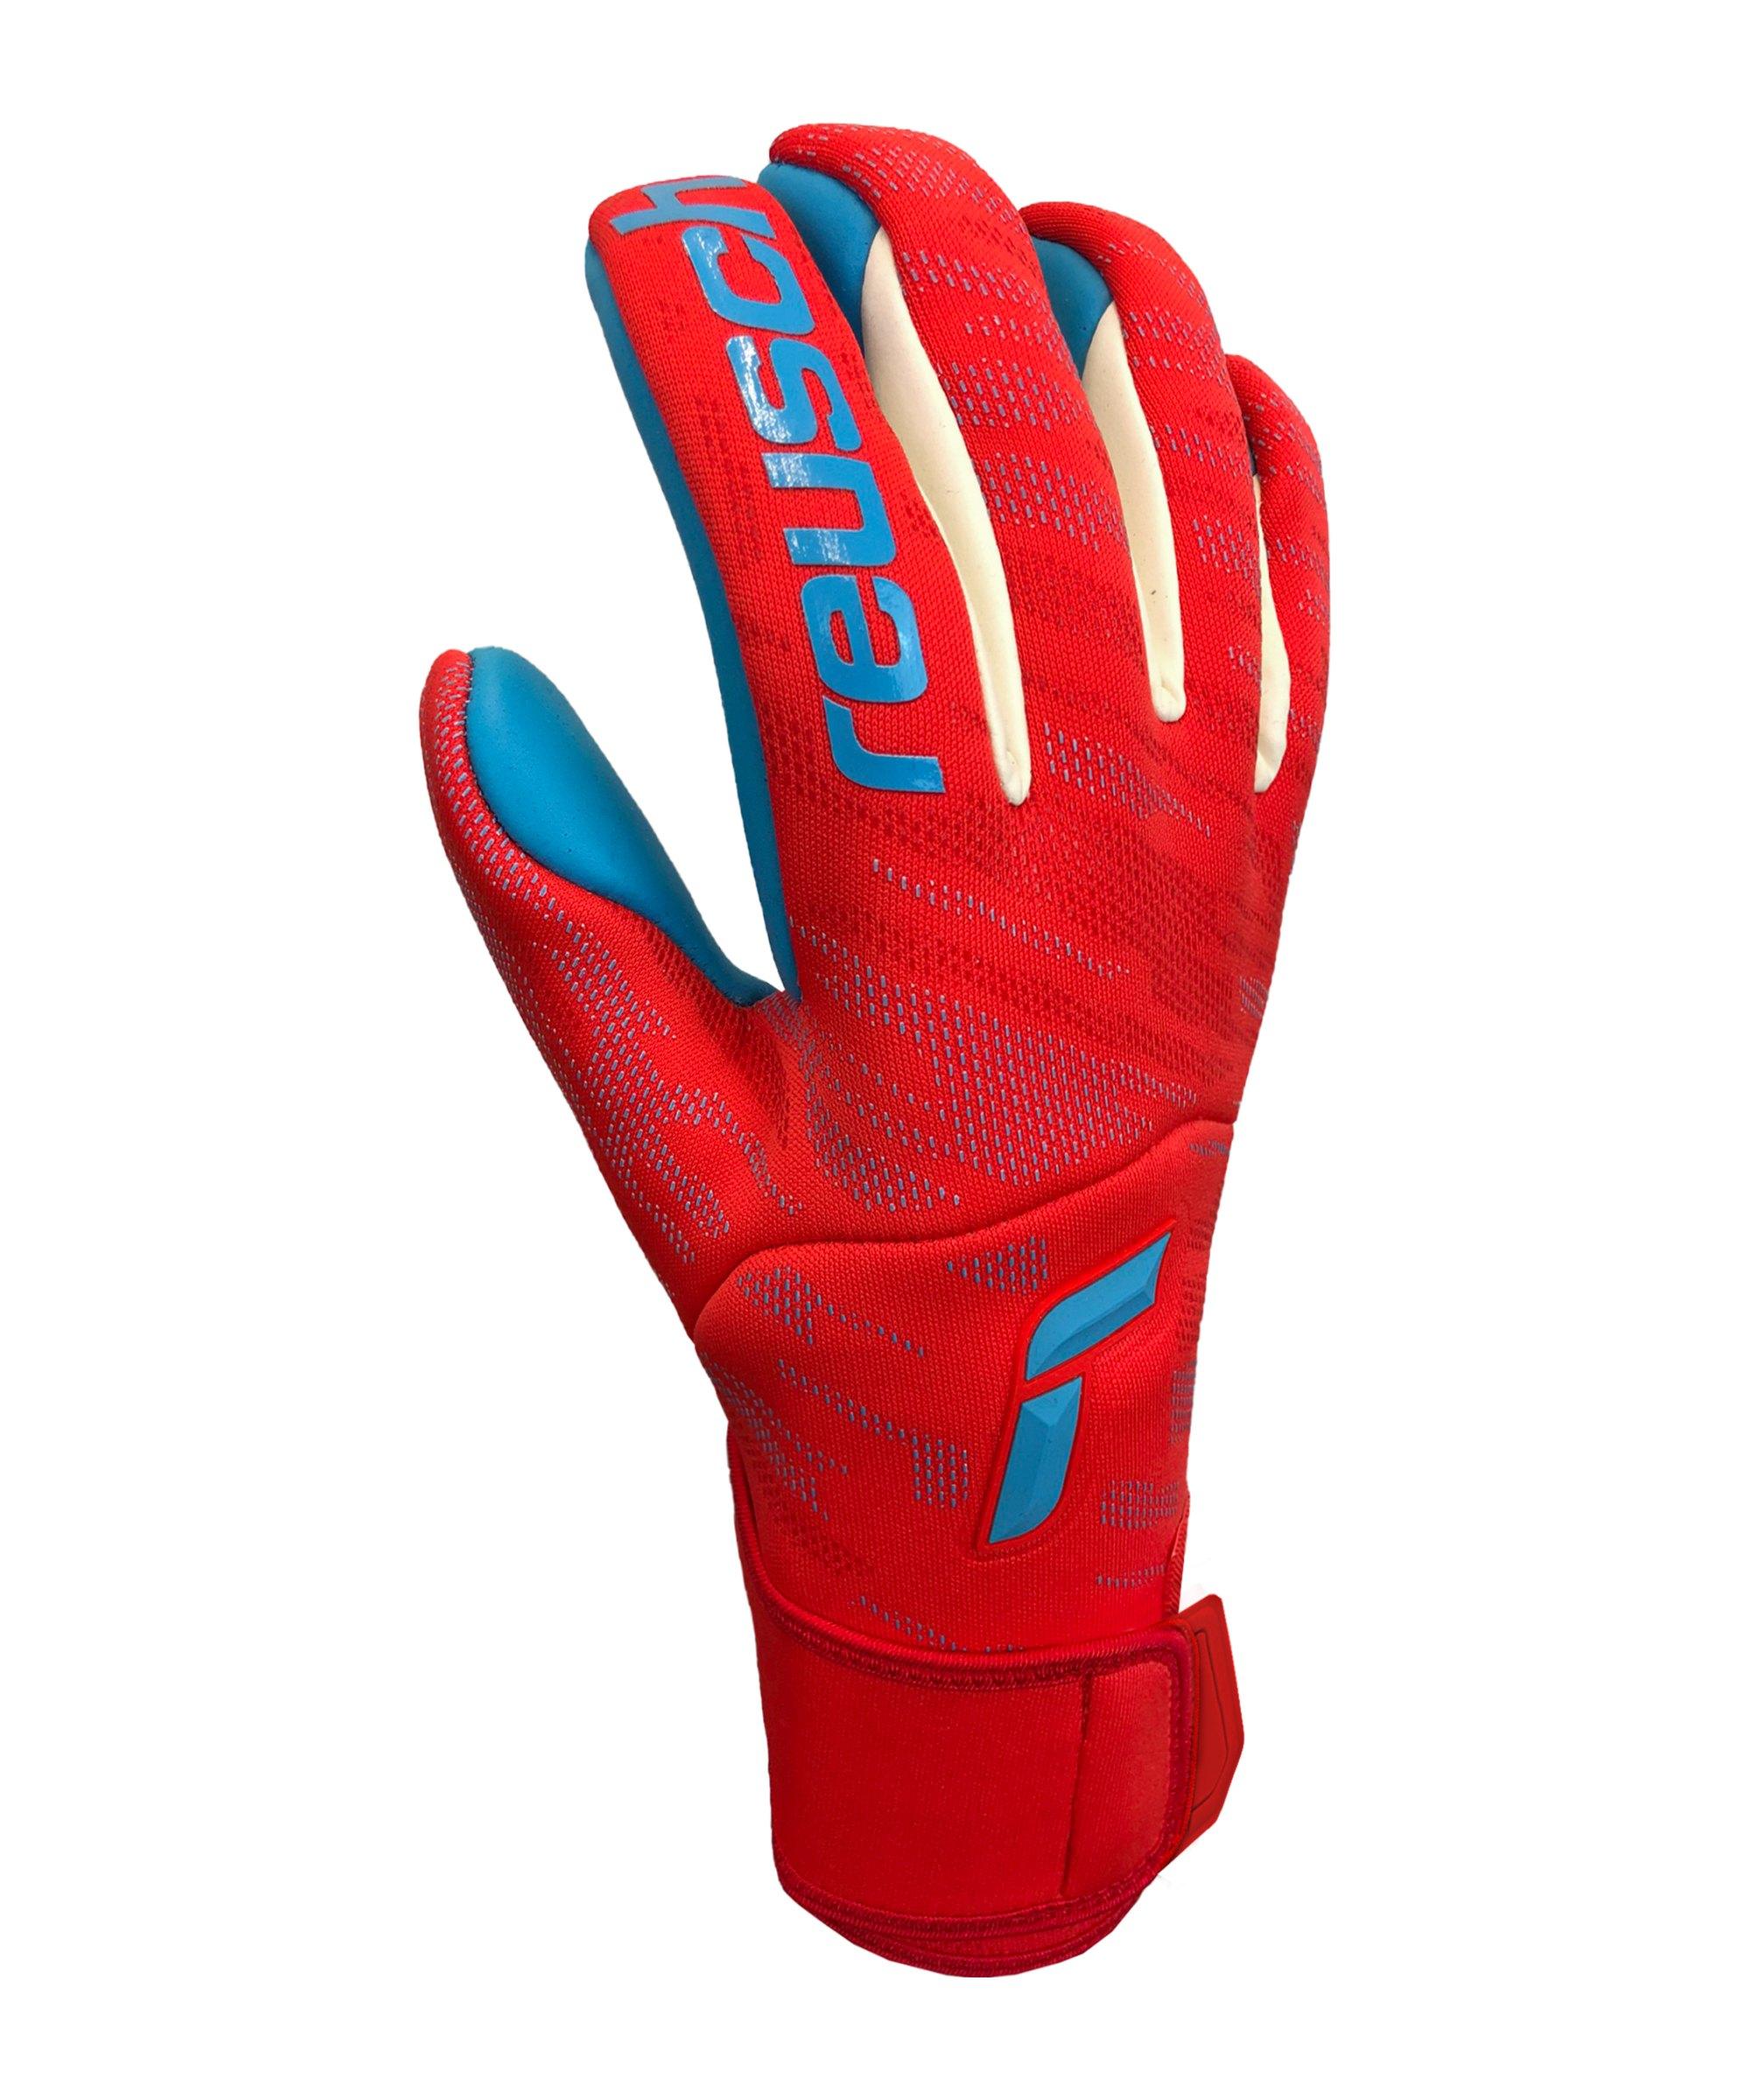 Reusch Pure Contact Aqua TW-Handschuh F3001 - rot